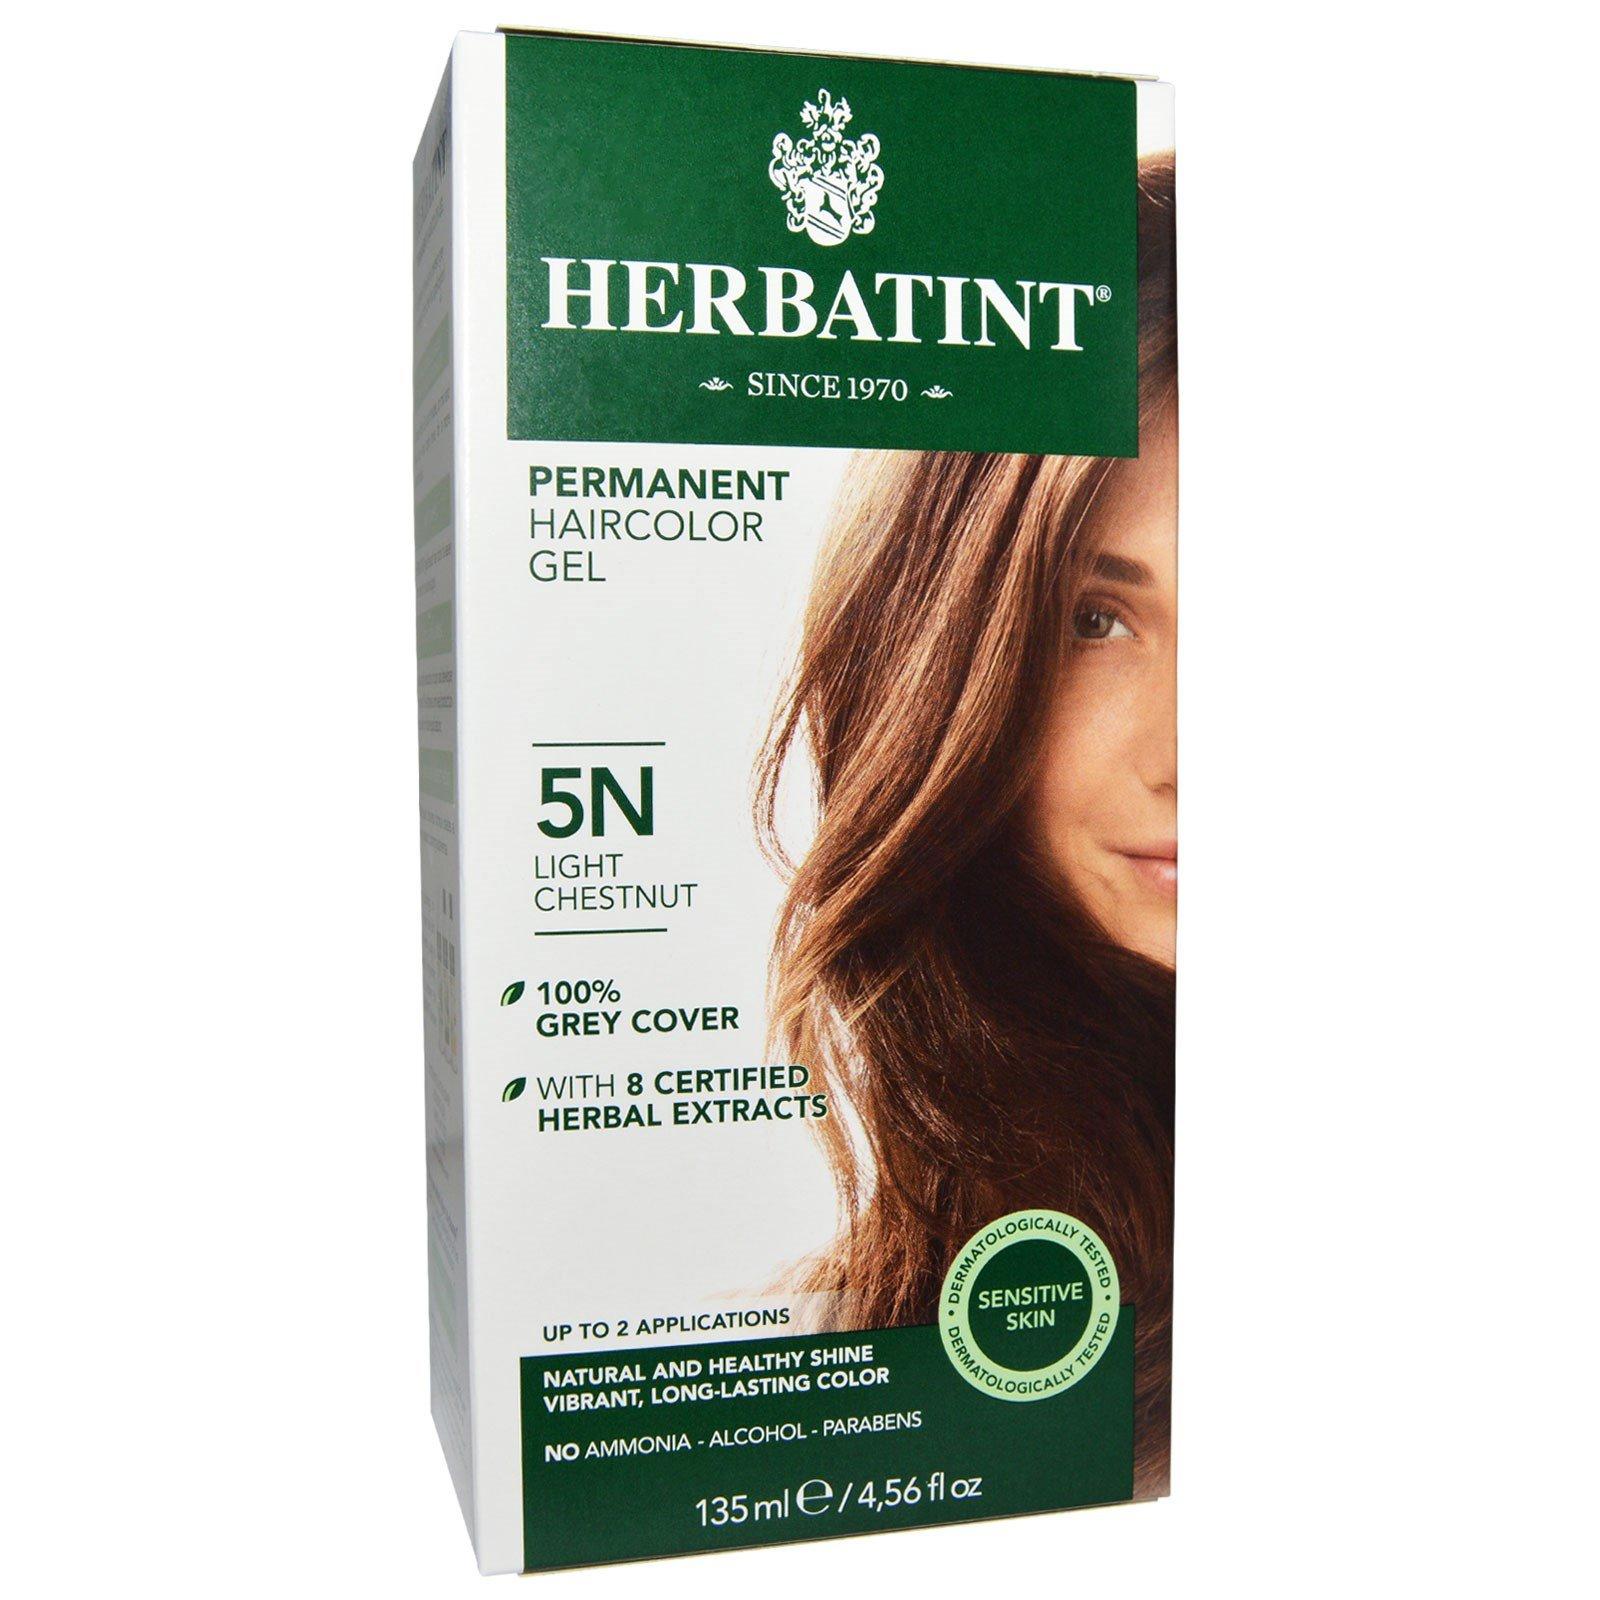 Herbatint, Permanent Haircolor Gel, 5N, Light Chestnut, 4.56 fl oz (135 ml) - 2pc